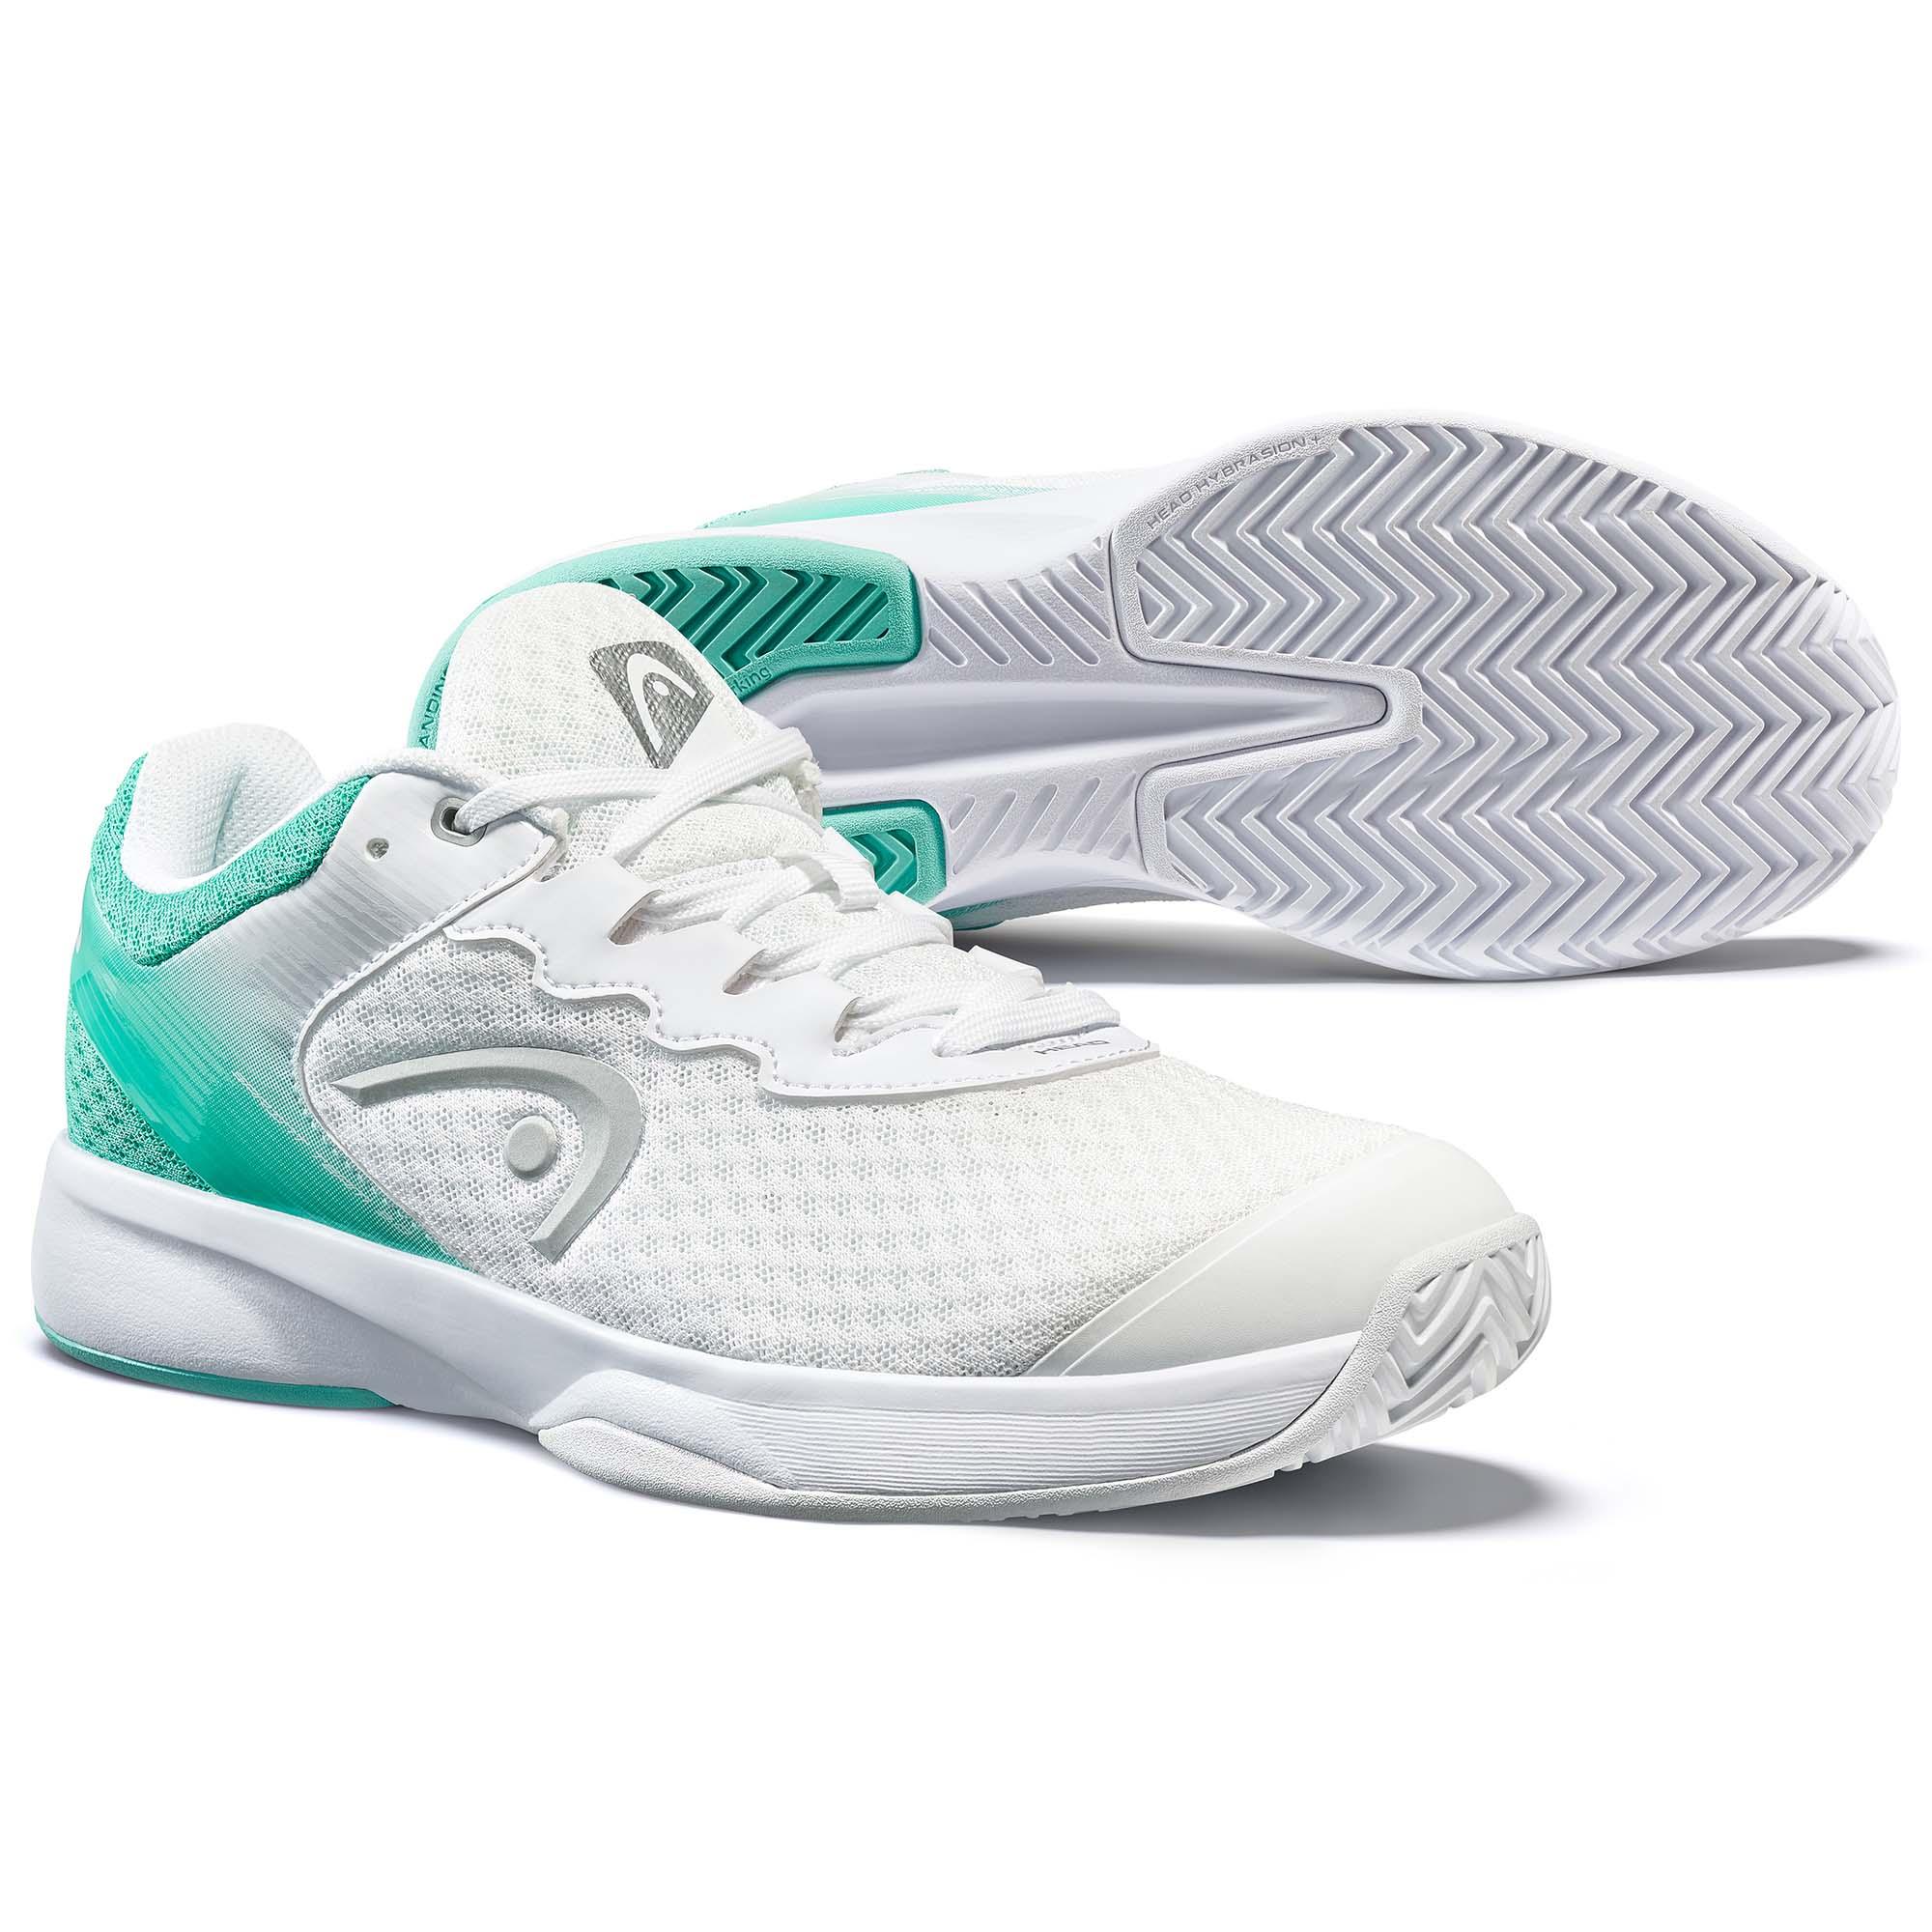 Head Sprint Team 3.0 Ladies Tennis Shoes - 7 UK